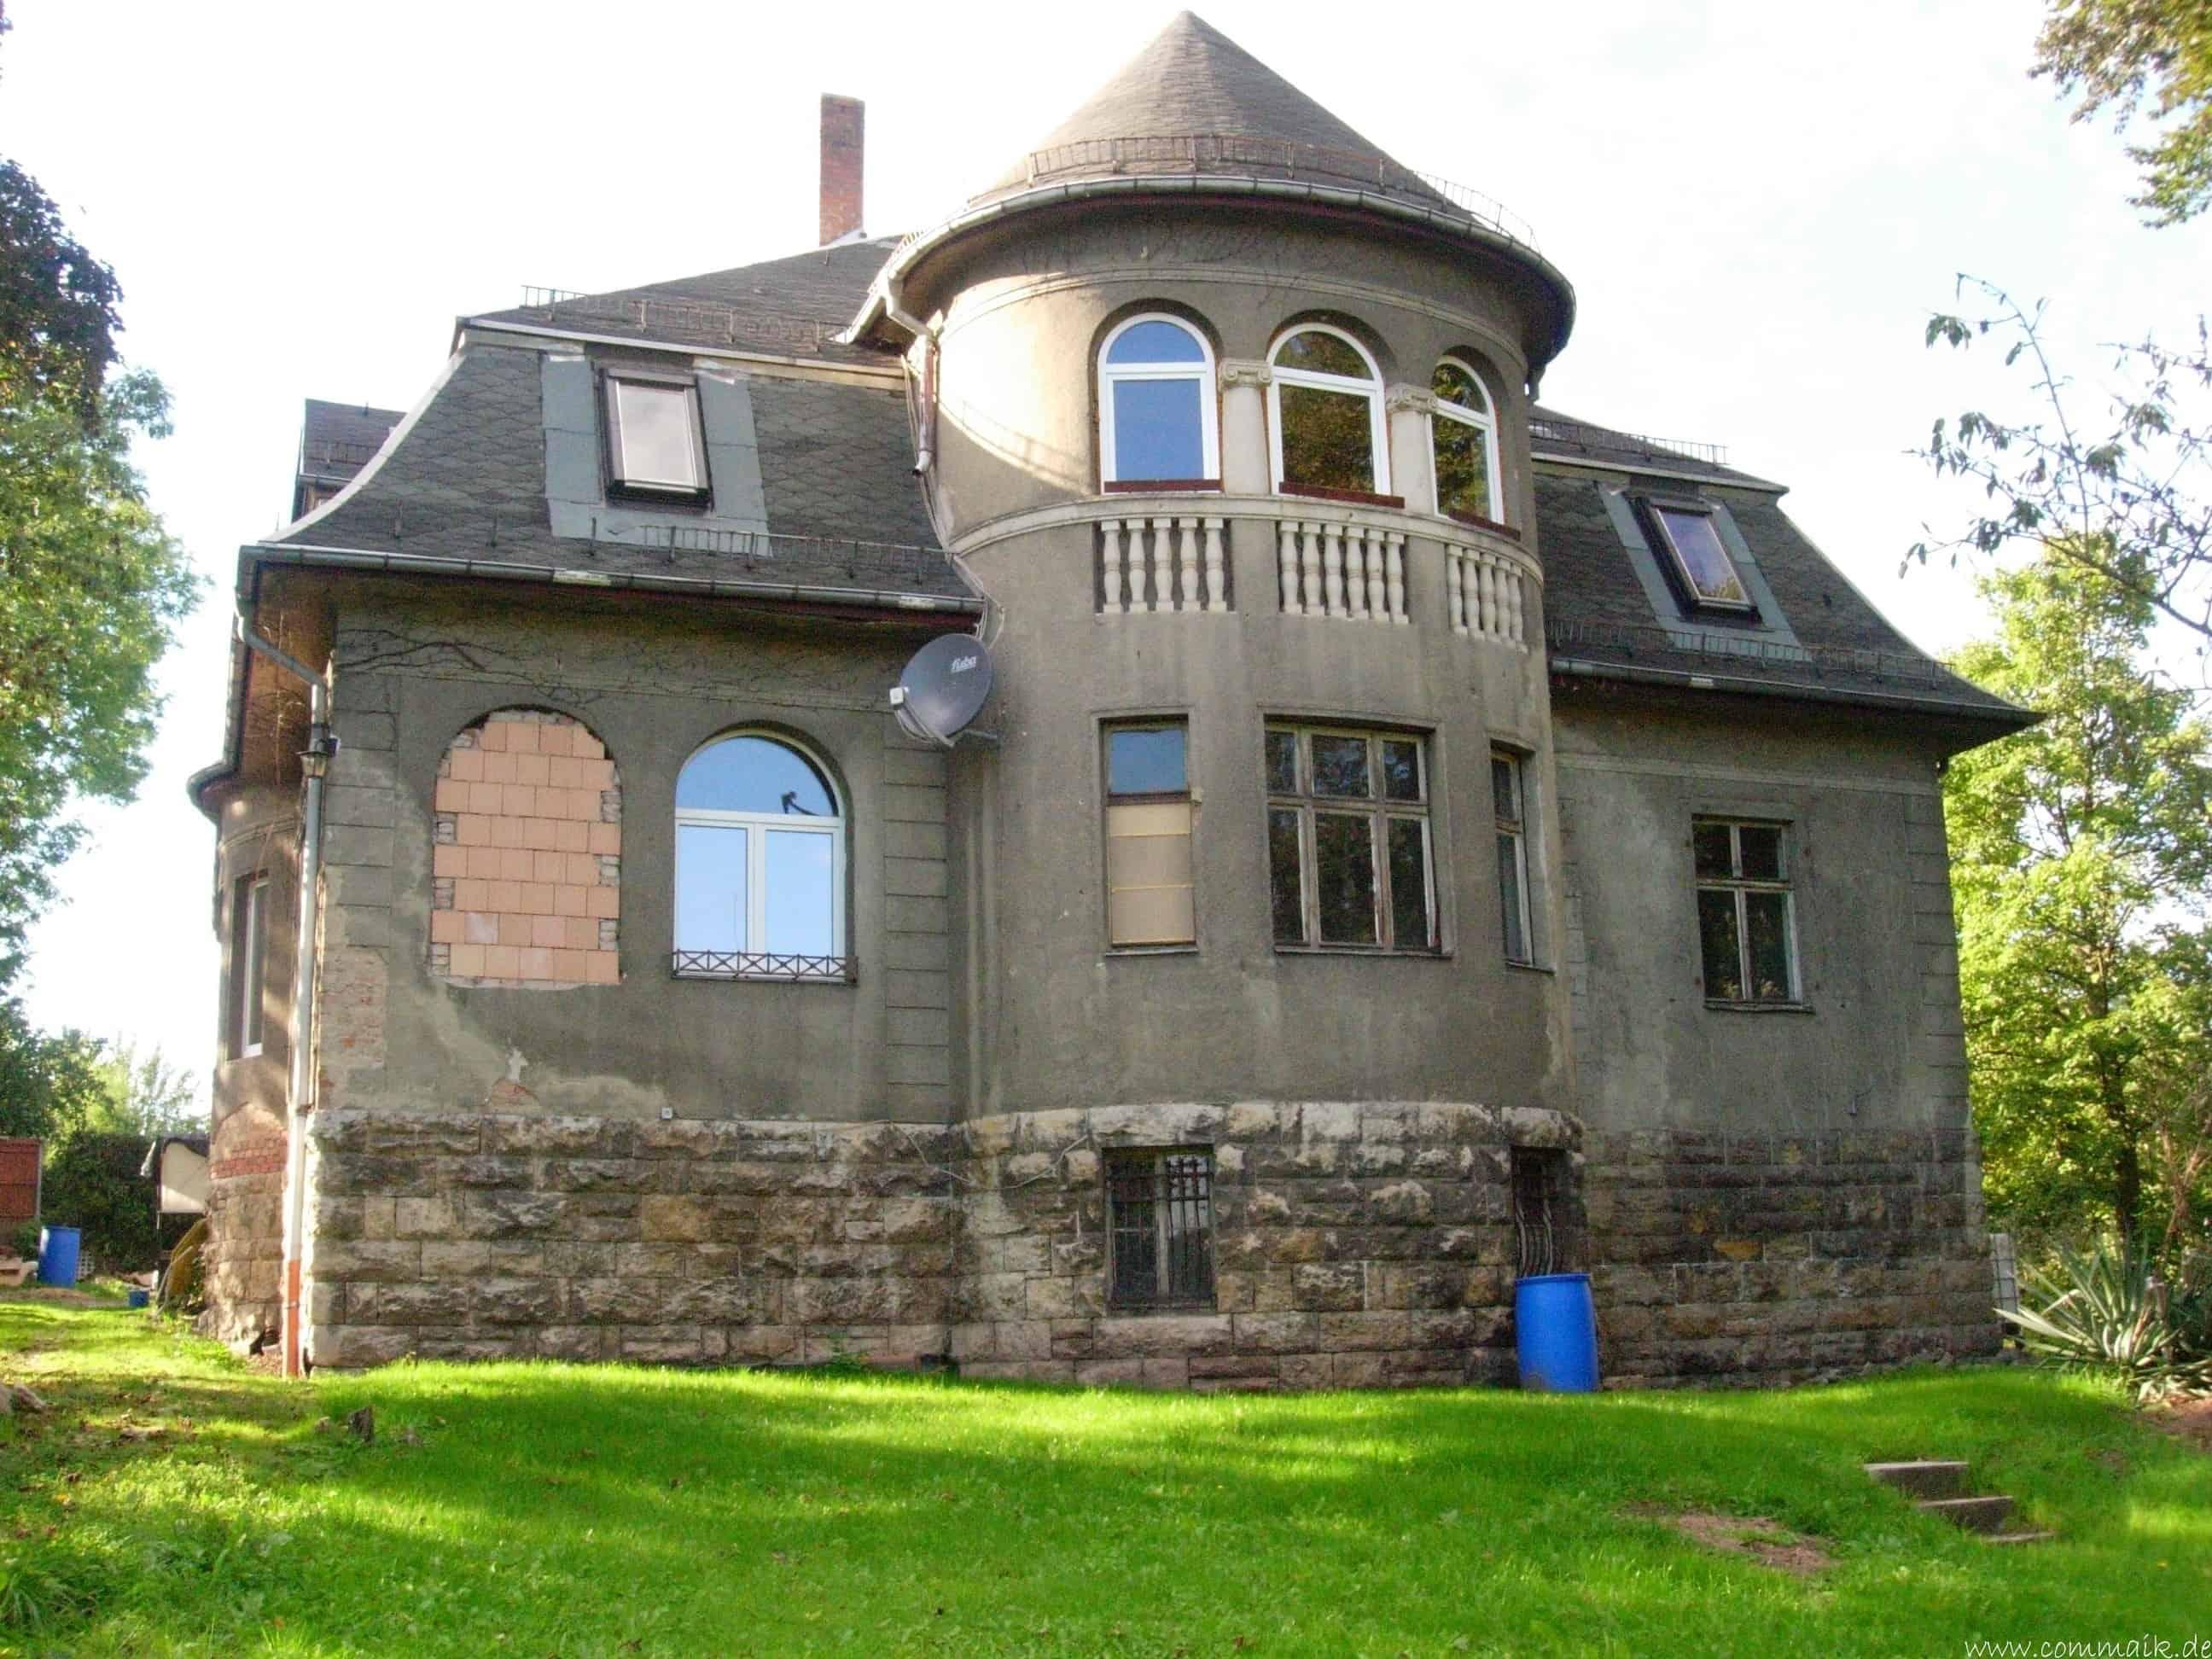 Garten Jugendstil jugendstil villa vom garten 18 commaik